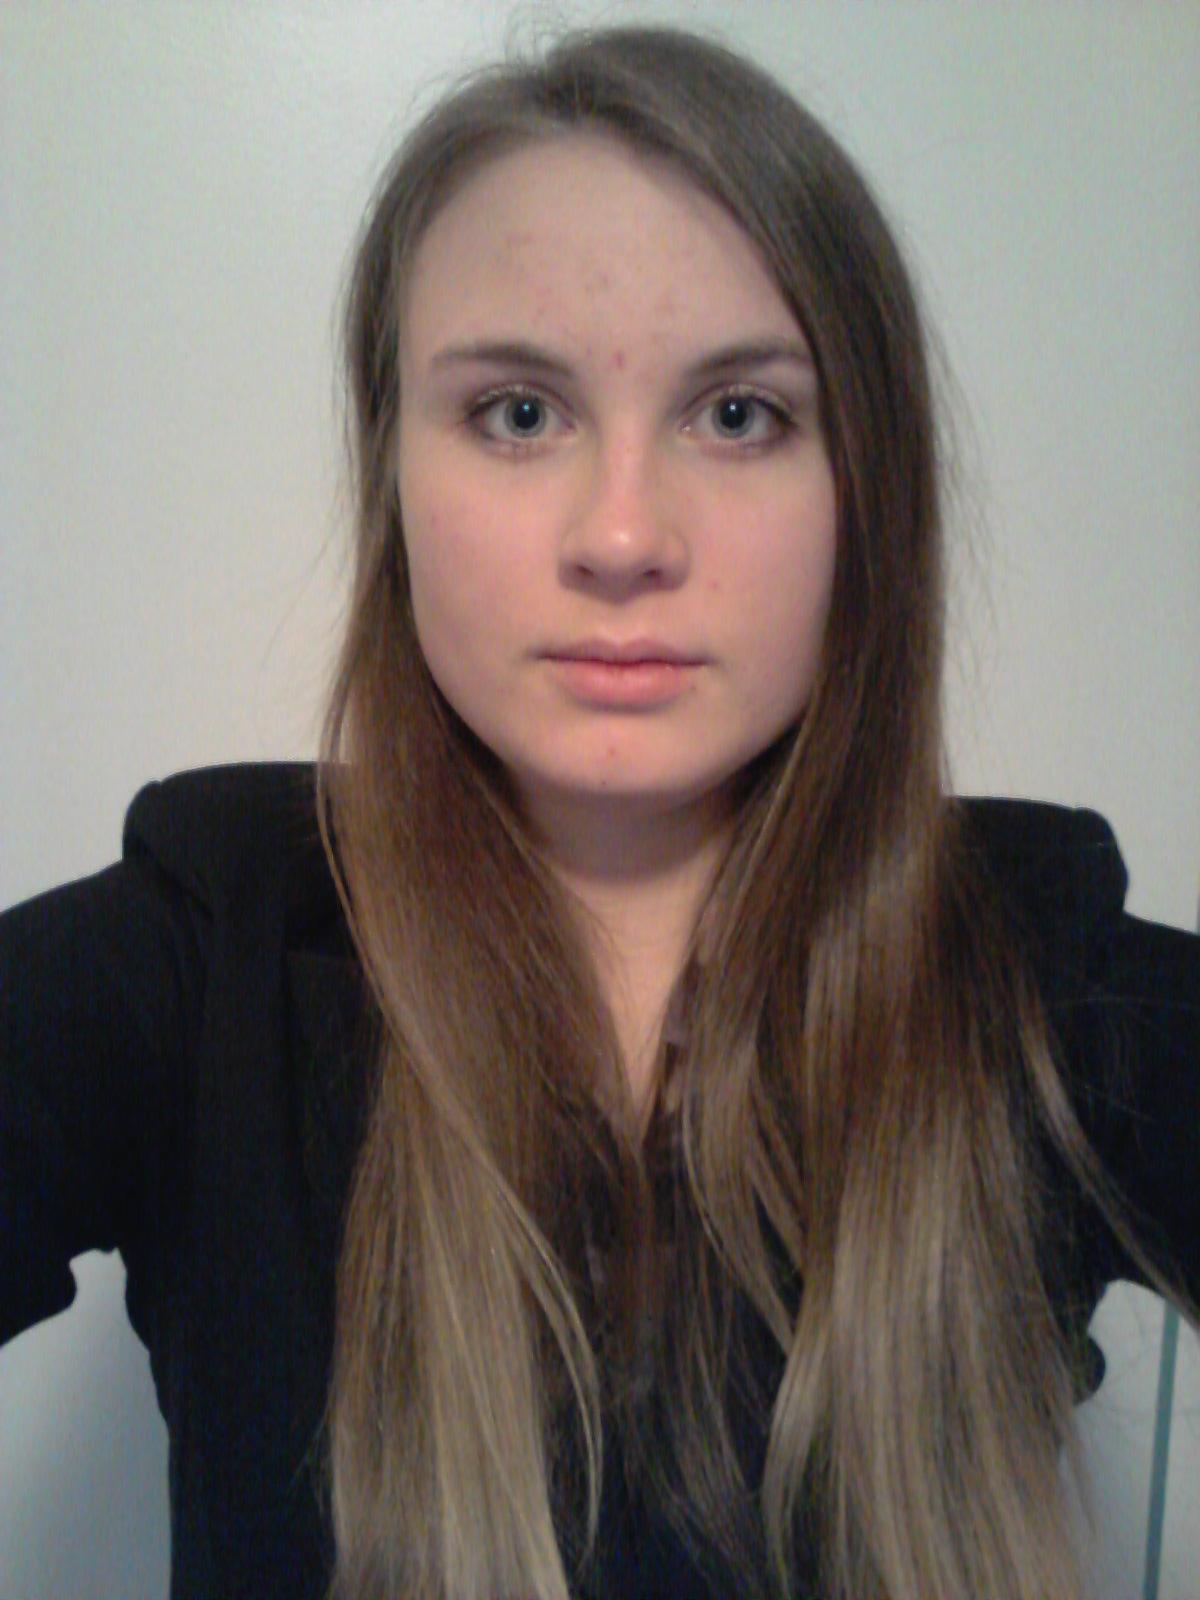 Magdalena  aus D�sseldorf Haarfarbe: blond (dunkel), Augenfarbe: blau-grau, Gr��e: 169, Deutsch: Muttersprache, Englisch: Fliessend, Franz�sisch: nein, Spanisch: nein